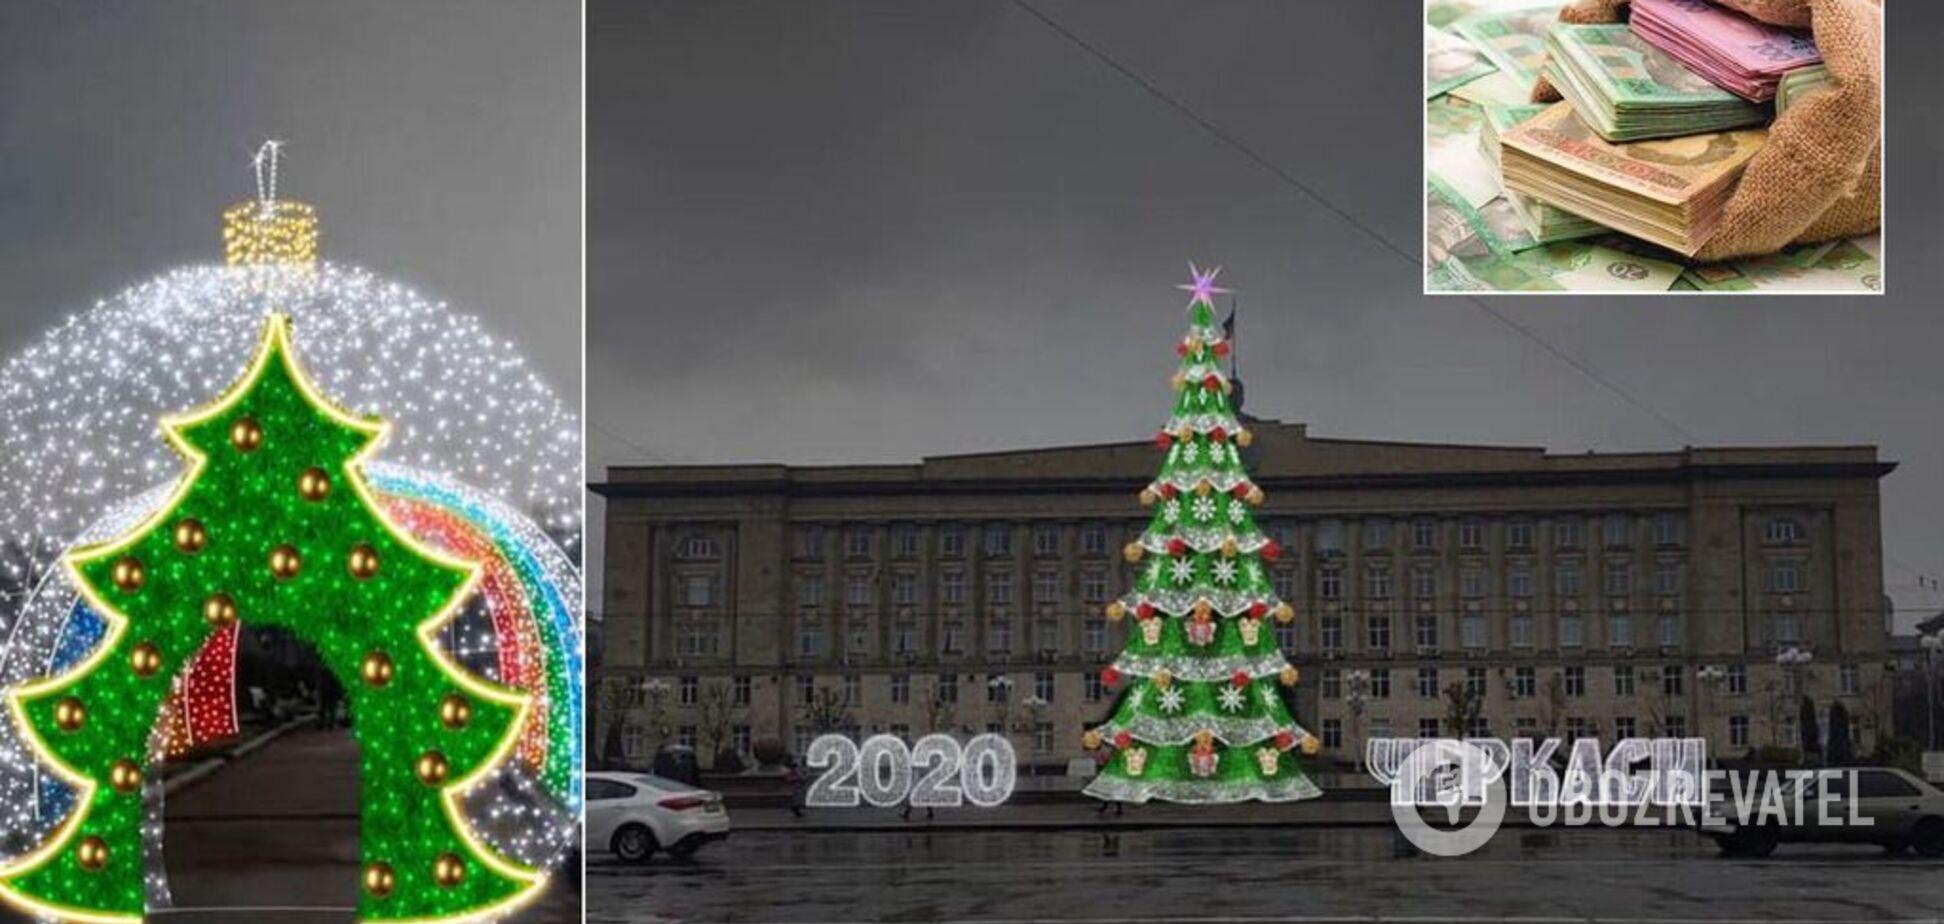 Новый Год на миллионы: в Черкассах планируют потратить фантастическую сумму на городскую елку